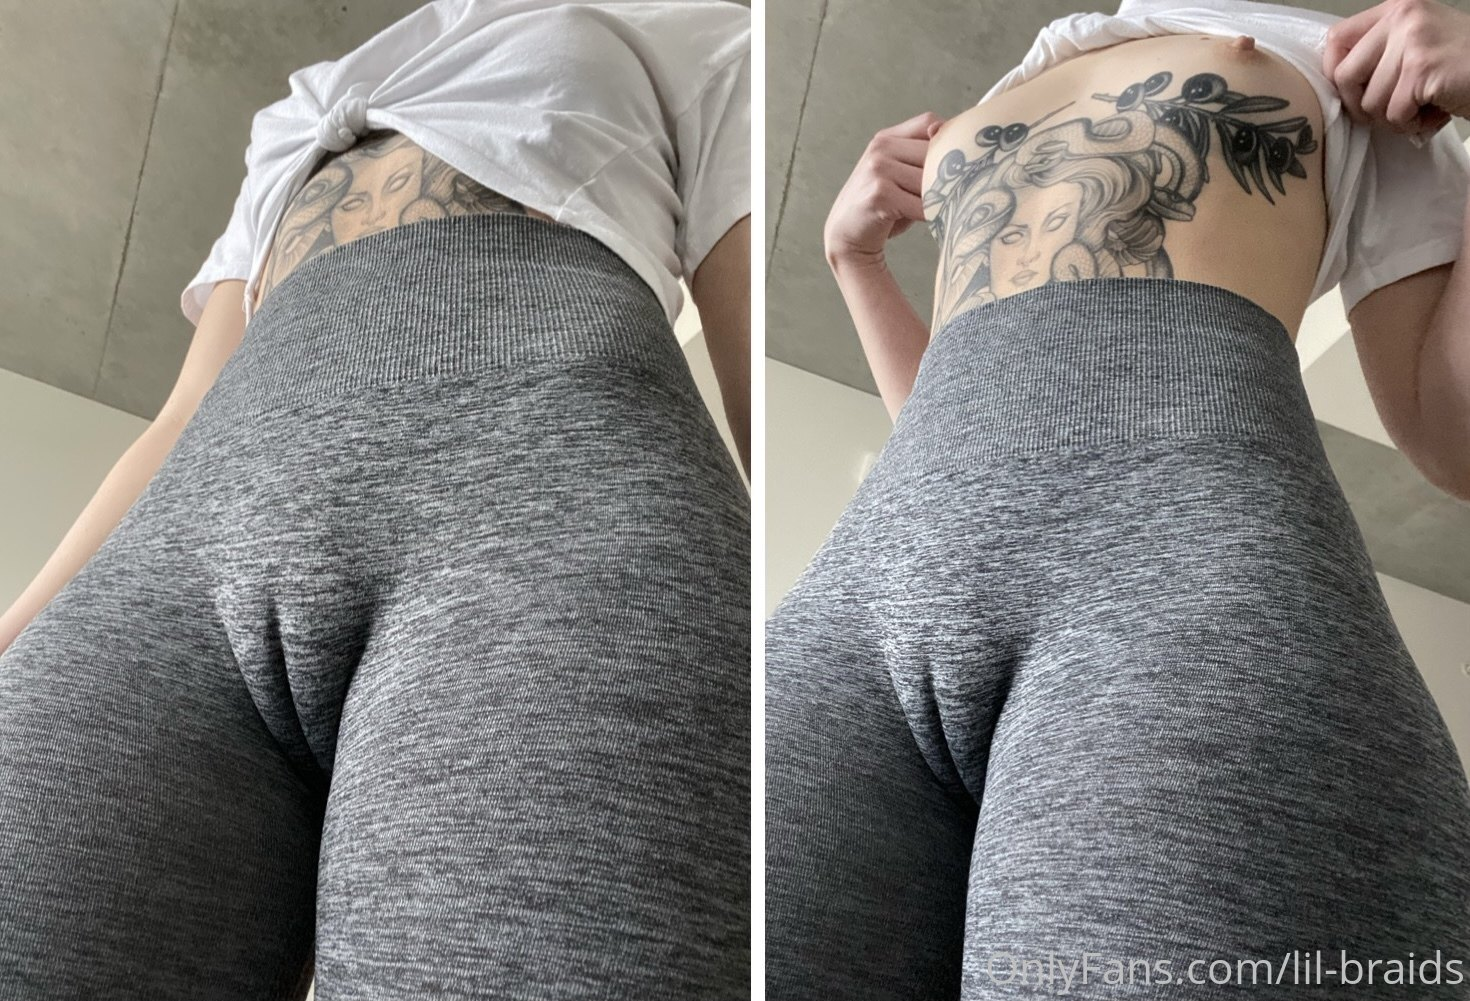 Hot ass babe @lil-braids nudes